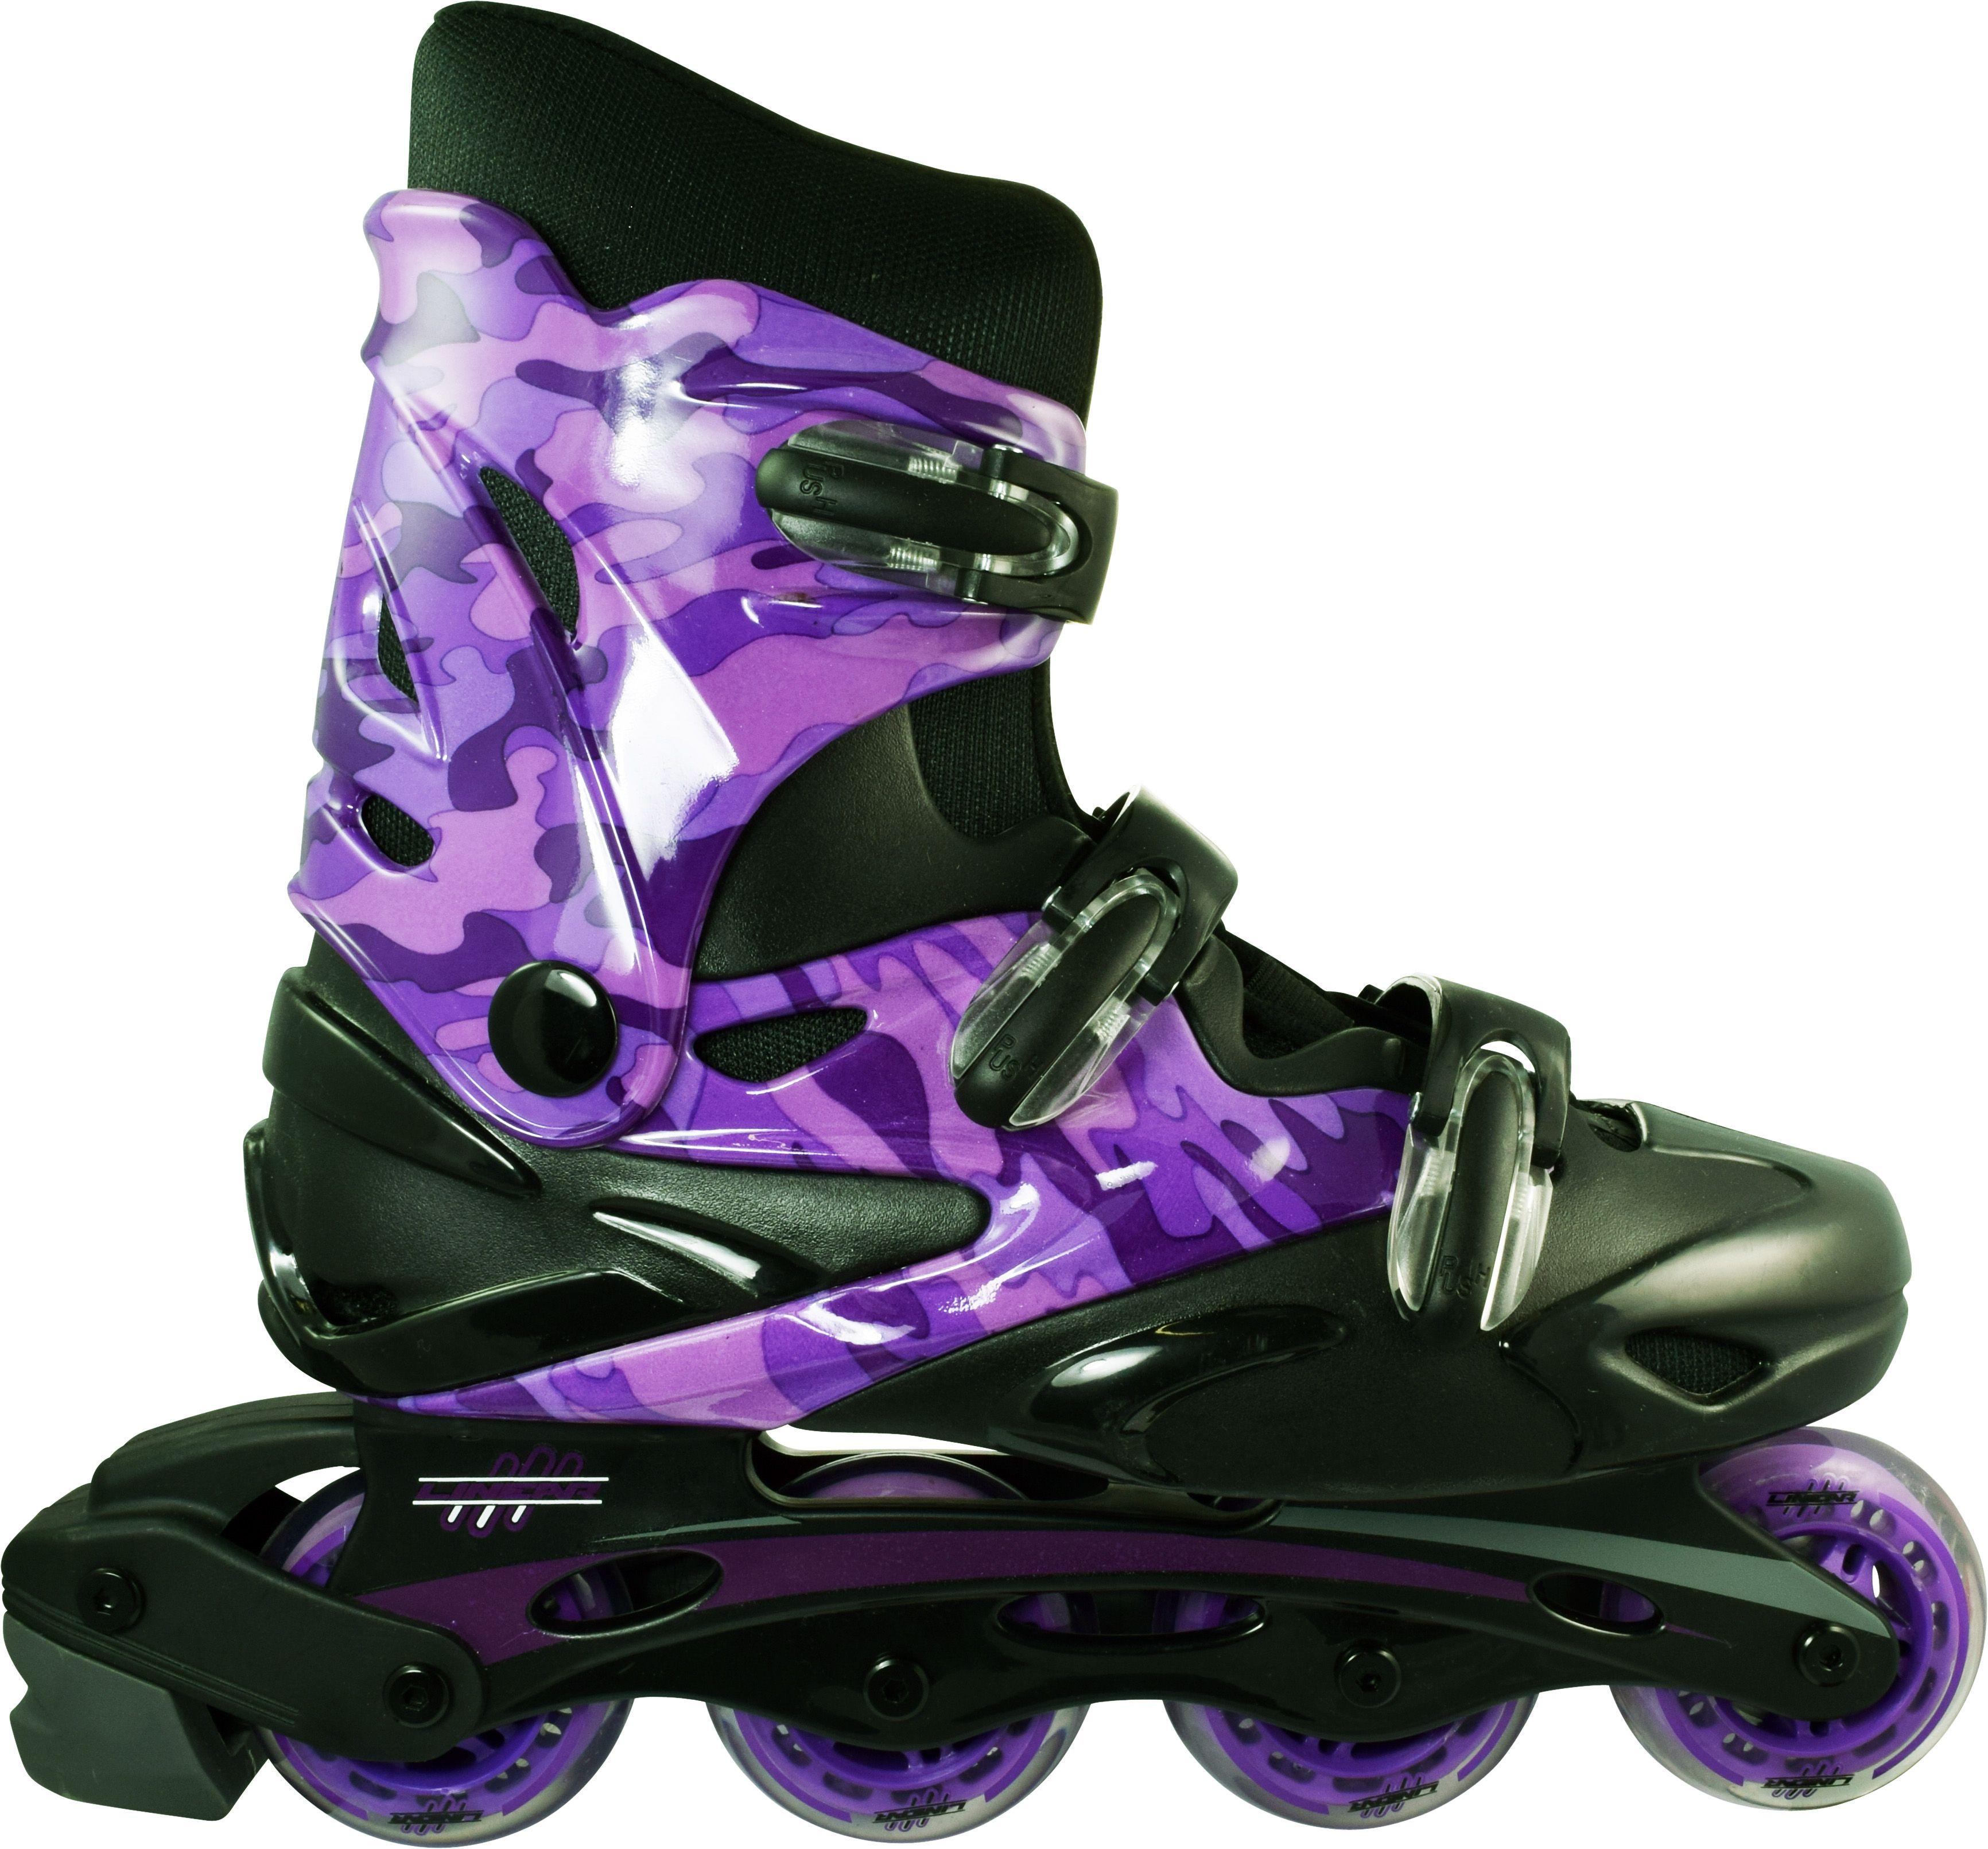 20 Beliebte Sensationelle Street Hockey Skates Bauer Wird Schlag Ihre Meinung Hockeys Info Inline Skating Purple Camo Womens Inline Skates